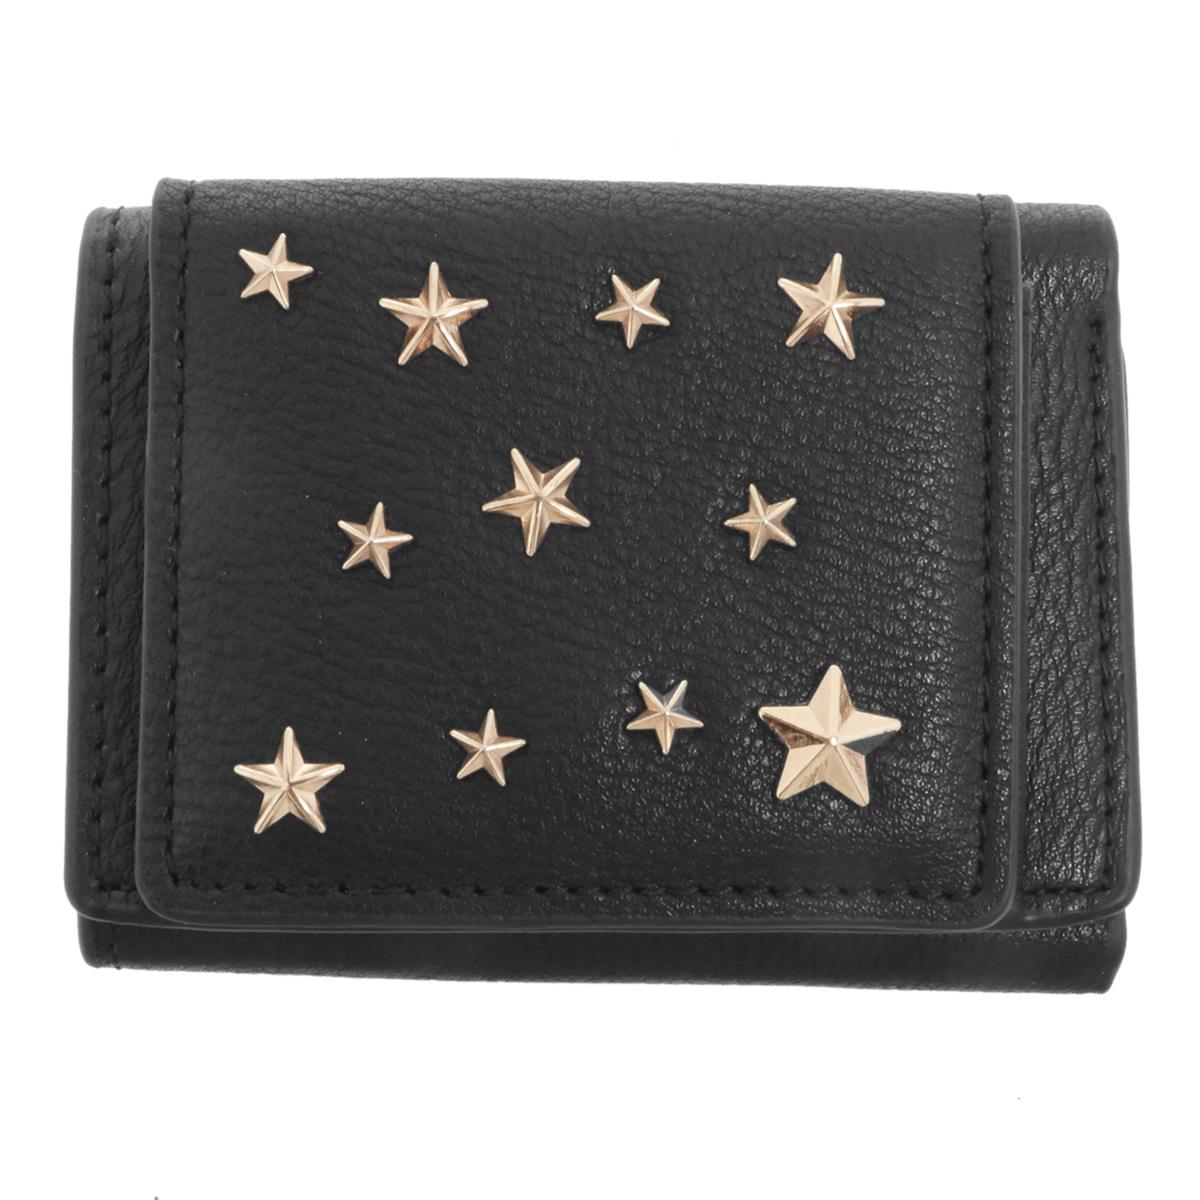 74d6b858d1df 三つ折り財布 通販 ミニ財布 財布 レディース コンパクト かわいい おしゃれ 小銭入れあり カード収納☆lum0721☆BK.ブラック